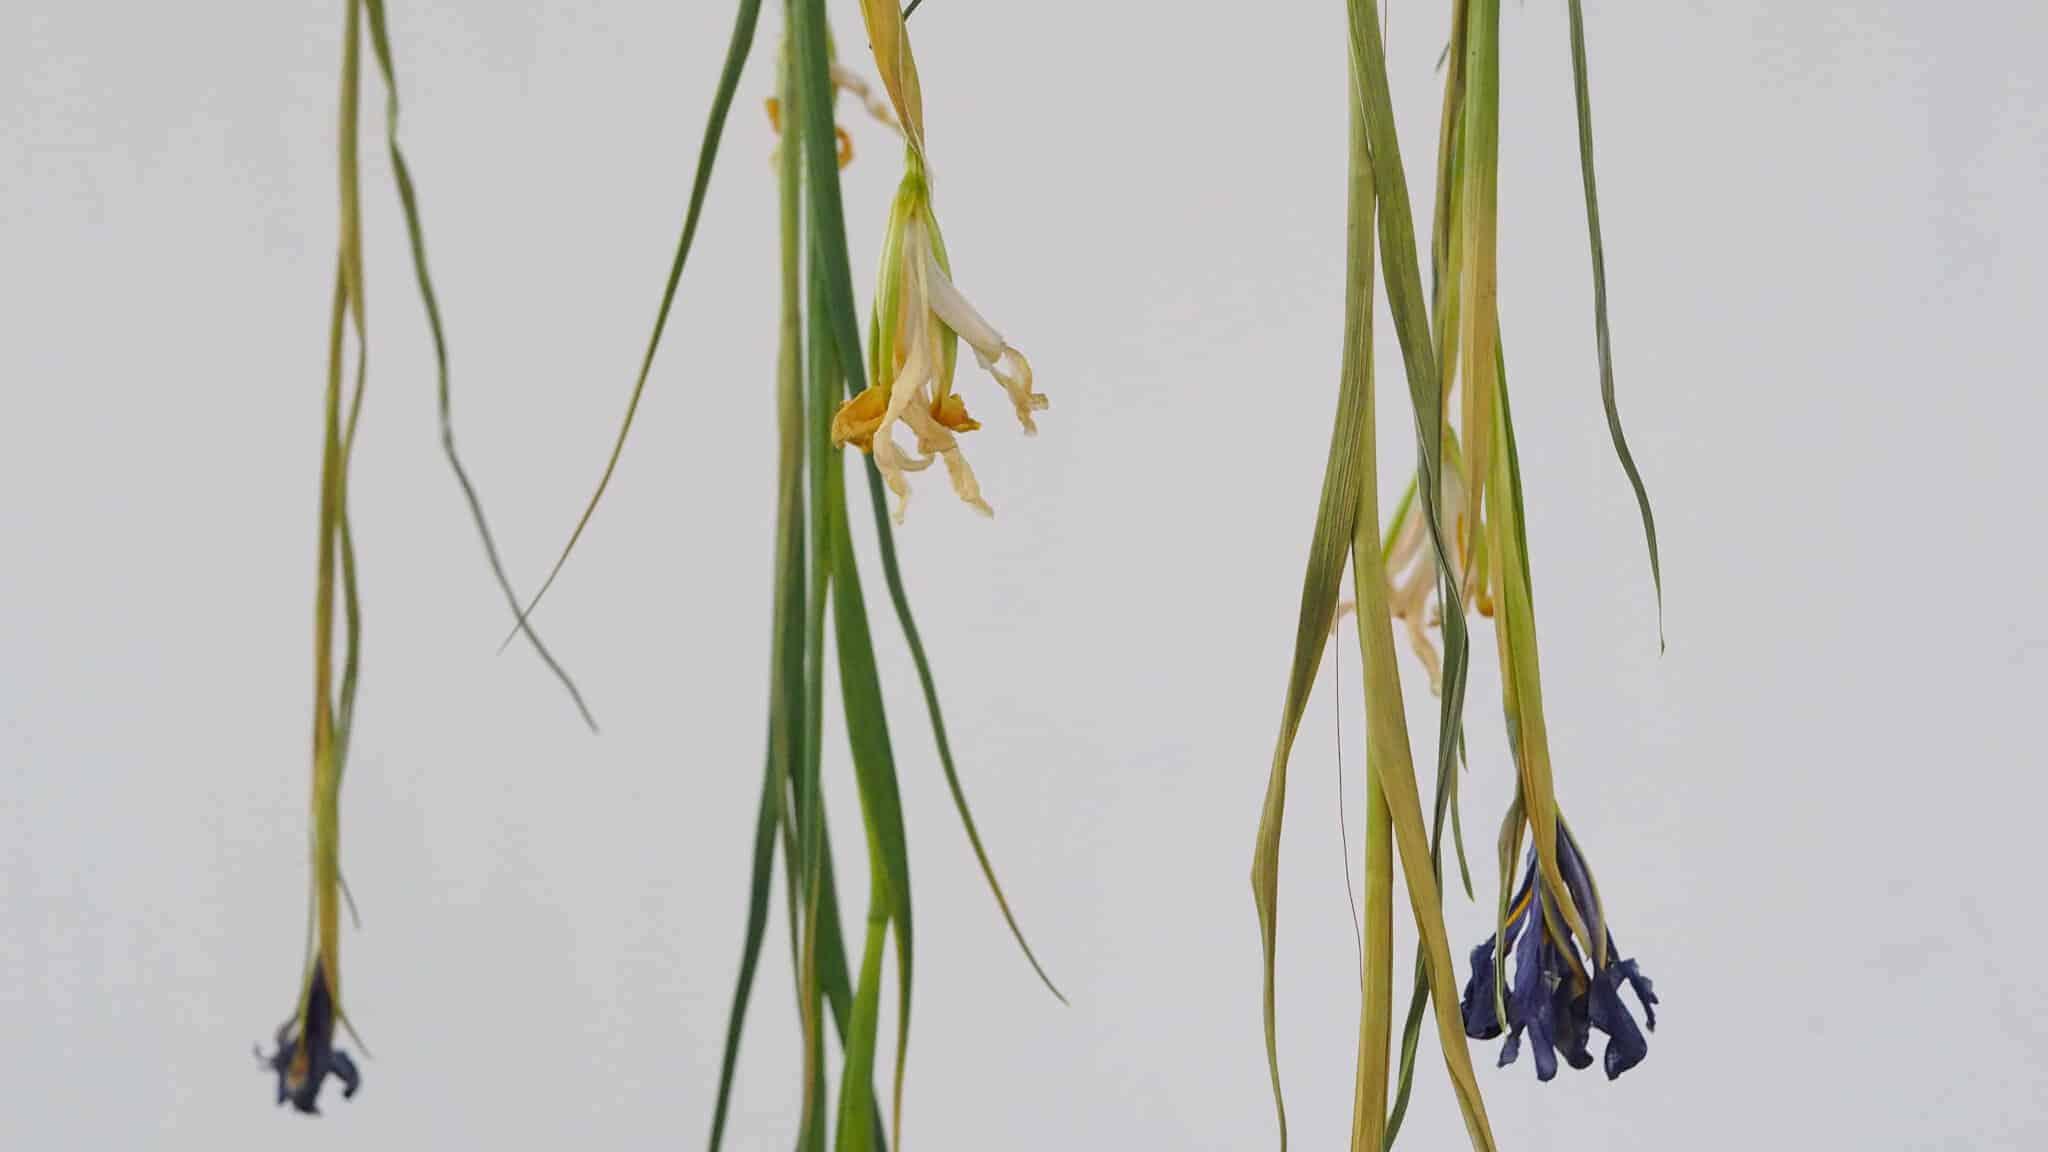 iris-exhibition-greenwich